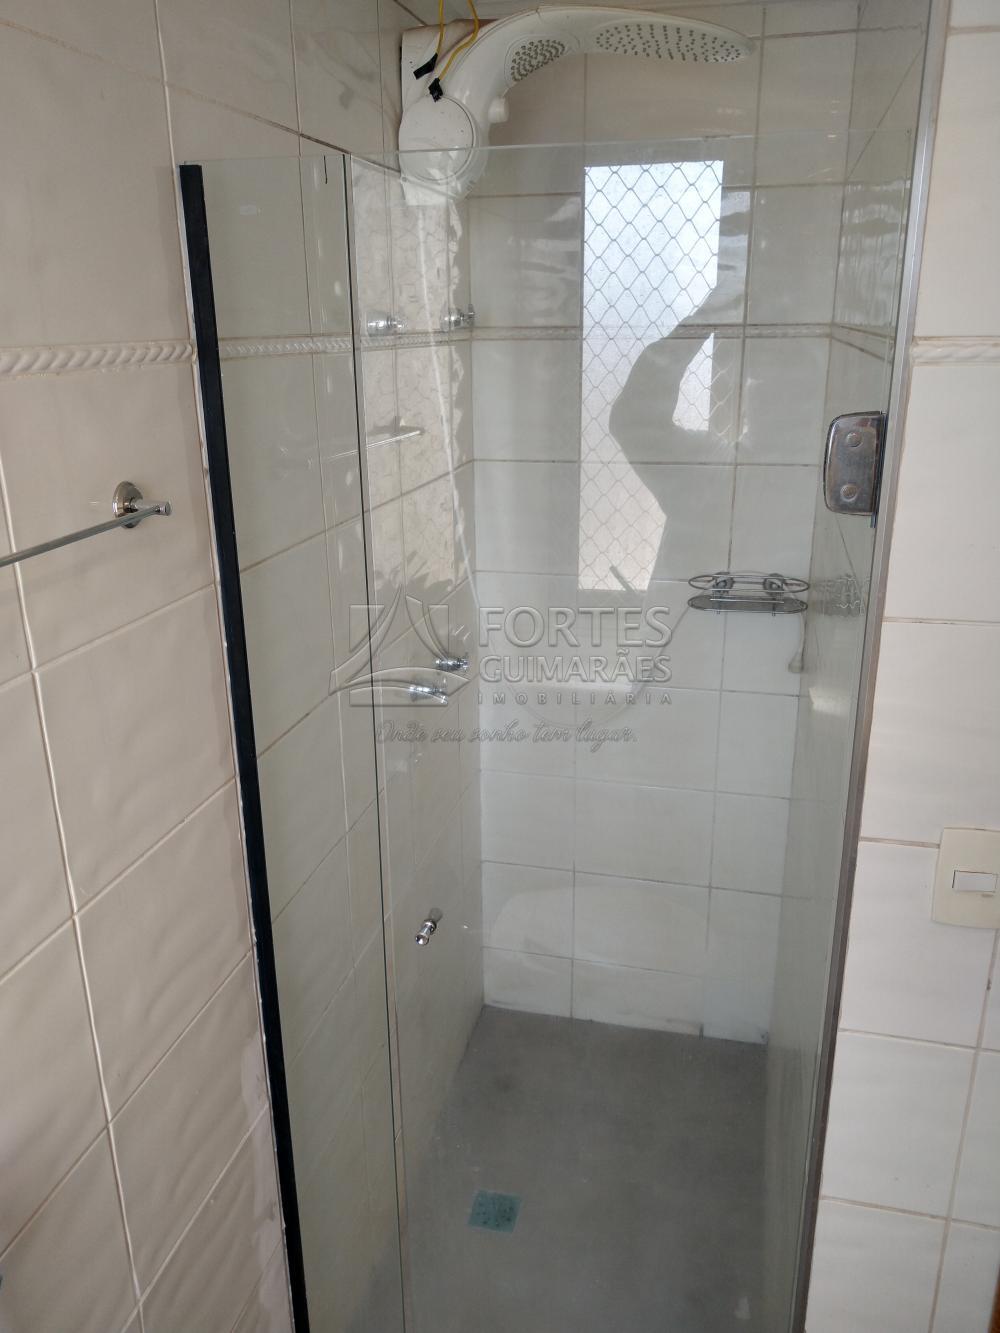 Alugar Apartamentos / Padrão em Ribeirão Preto apenas R$ 1.600,00 - Foto 63